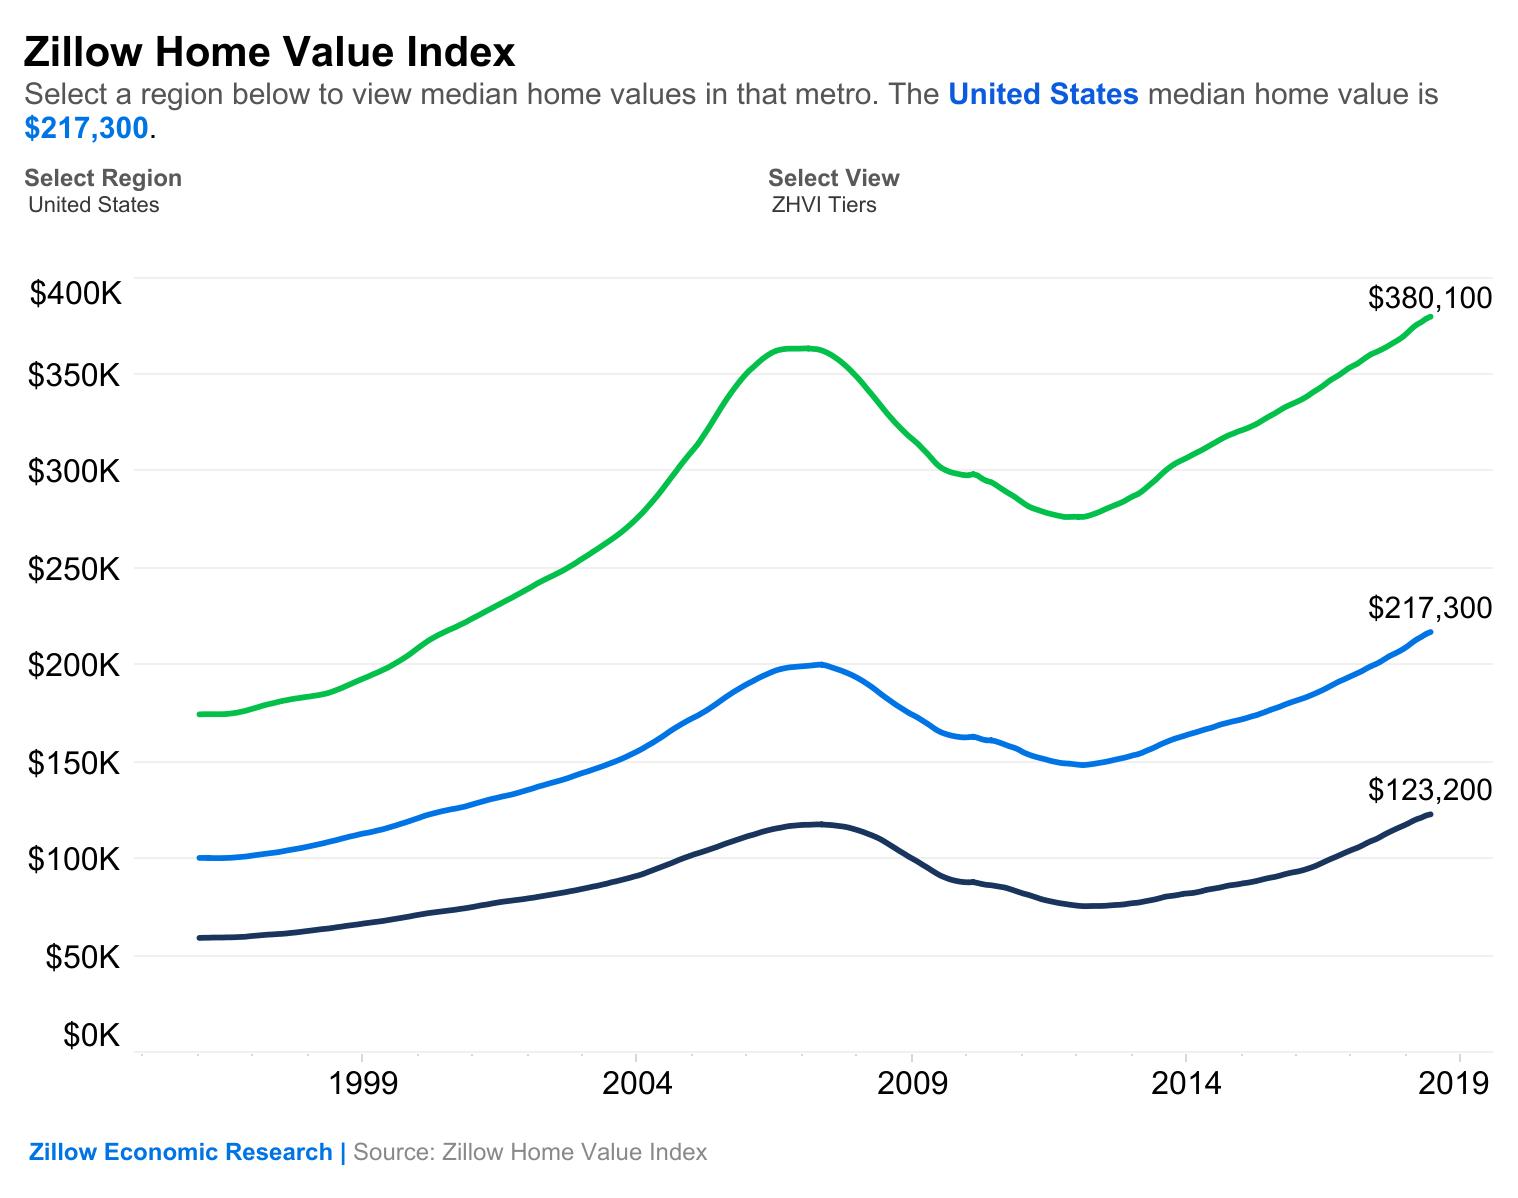 Pre-Recession Peak